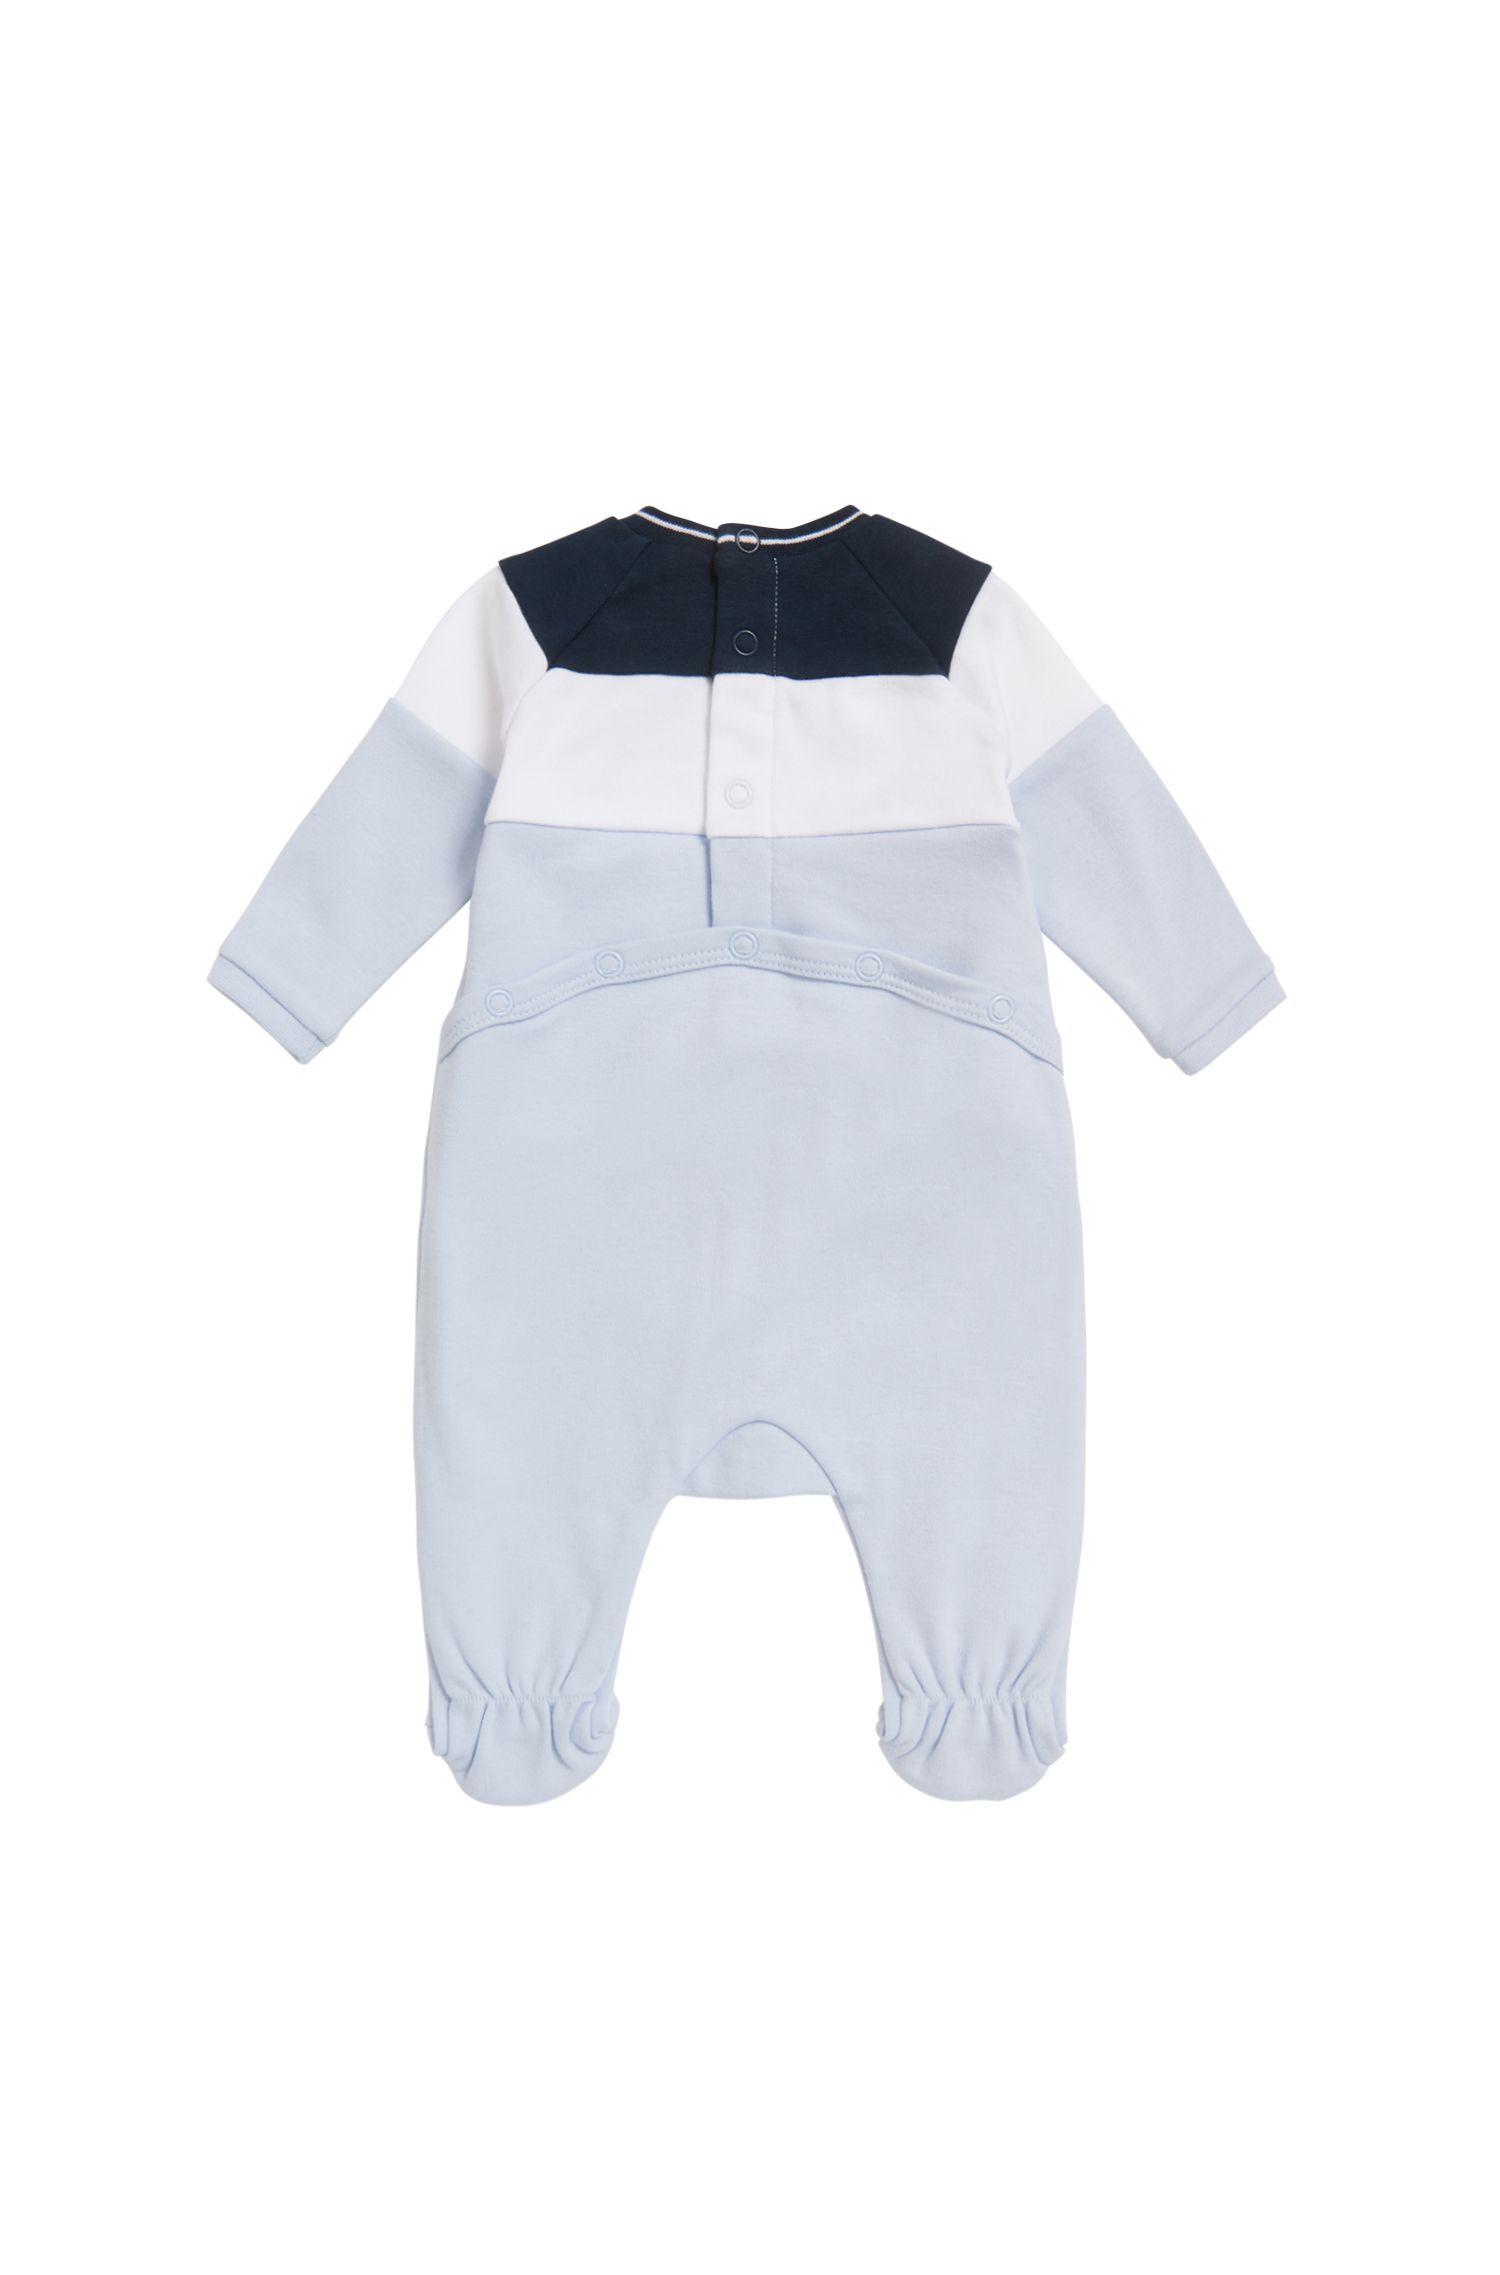 Cadeauset met een slaappakje en mutsje met logoprint voor baby's